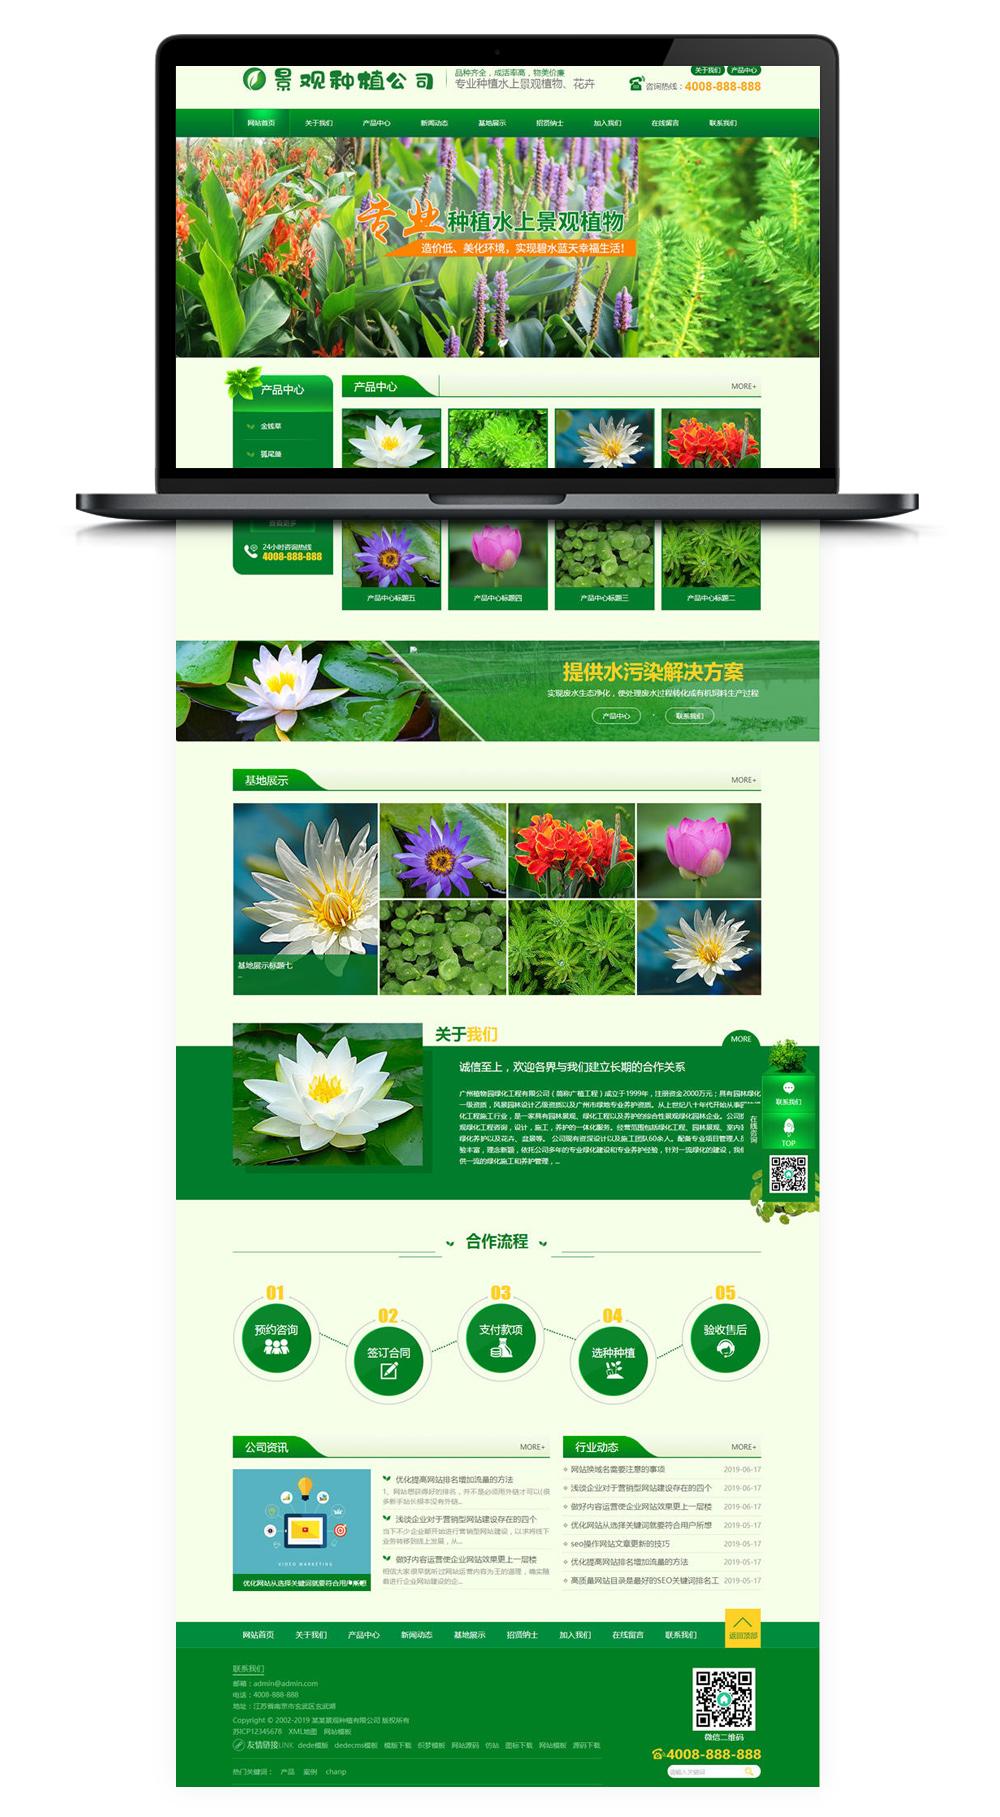 【织梦绿色景观模板】树木种植 景观绿植苗木农业种植DEDECMS网站模板自适应手机-蓝汇源码